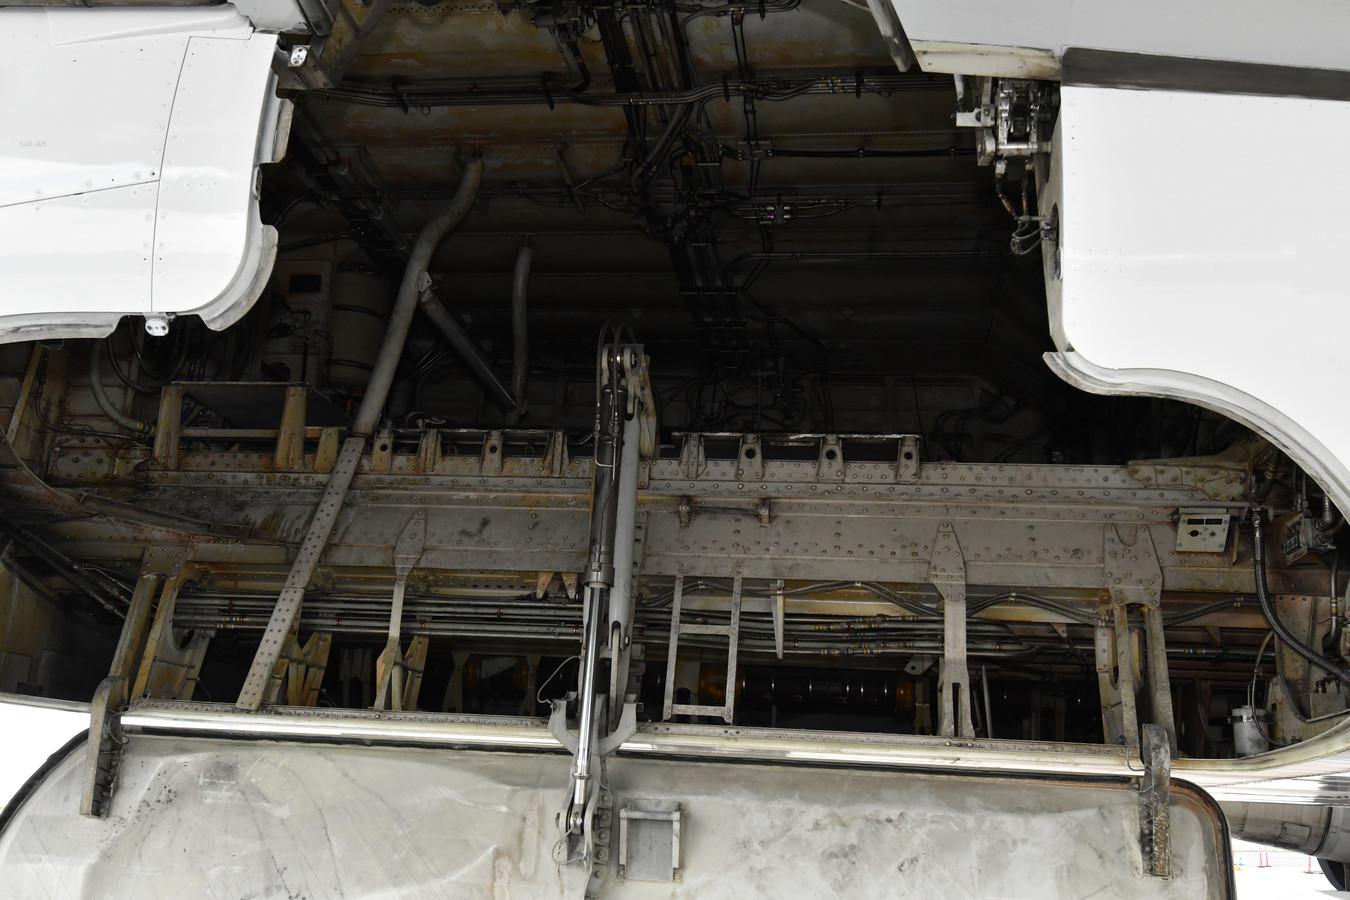 De ruimte boven de achterste vliegtuigwielen waarin verstekelingen zich verstoppen om een beter leven tegemoet te gaan.